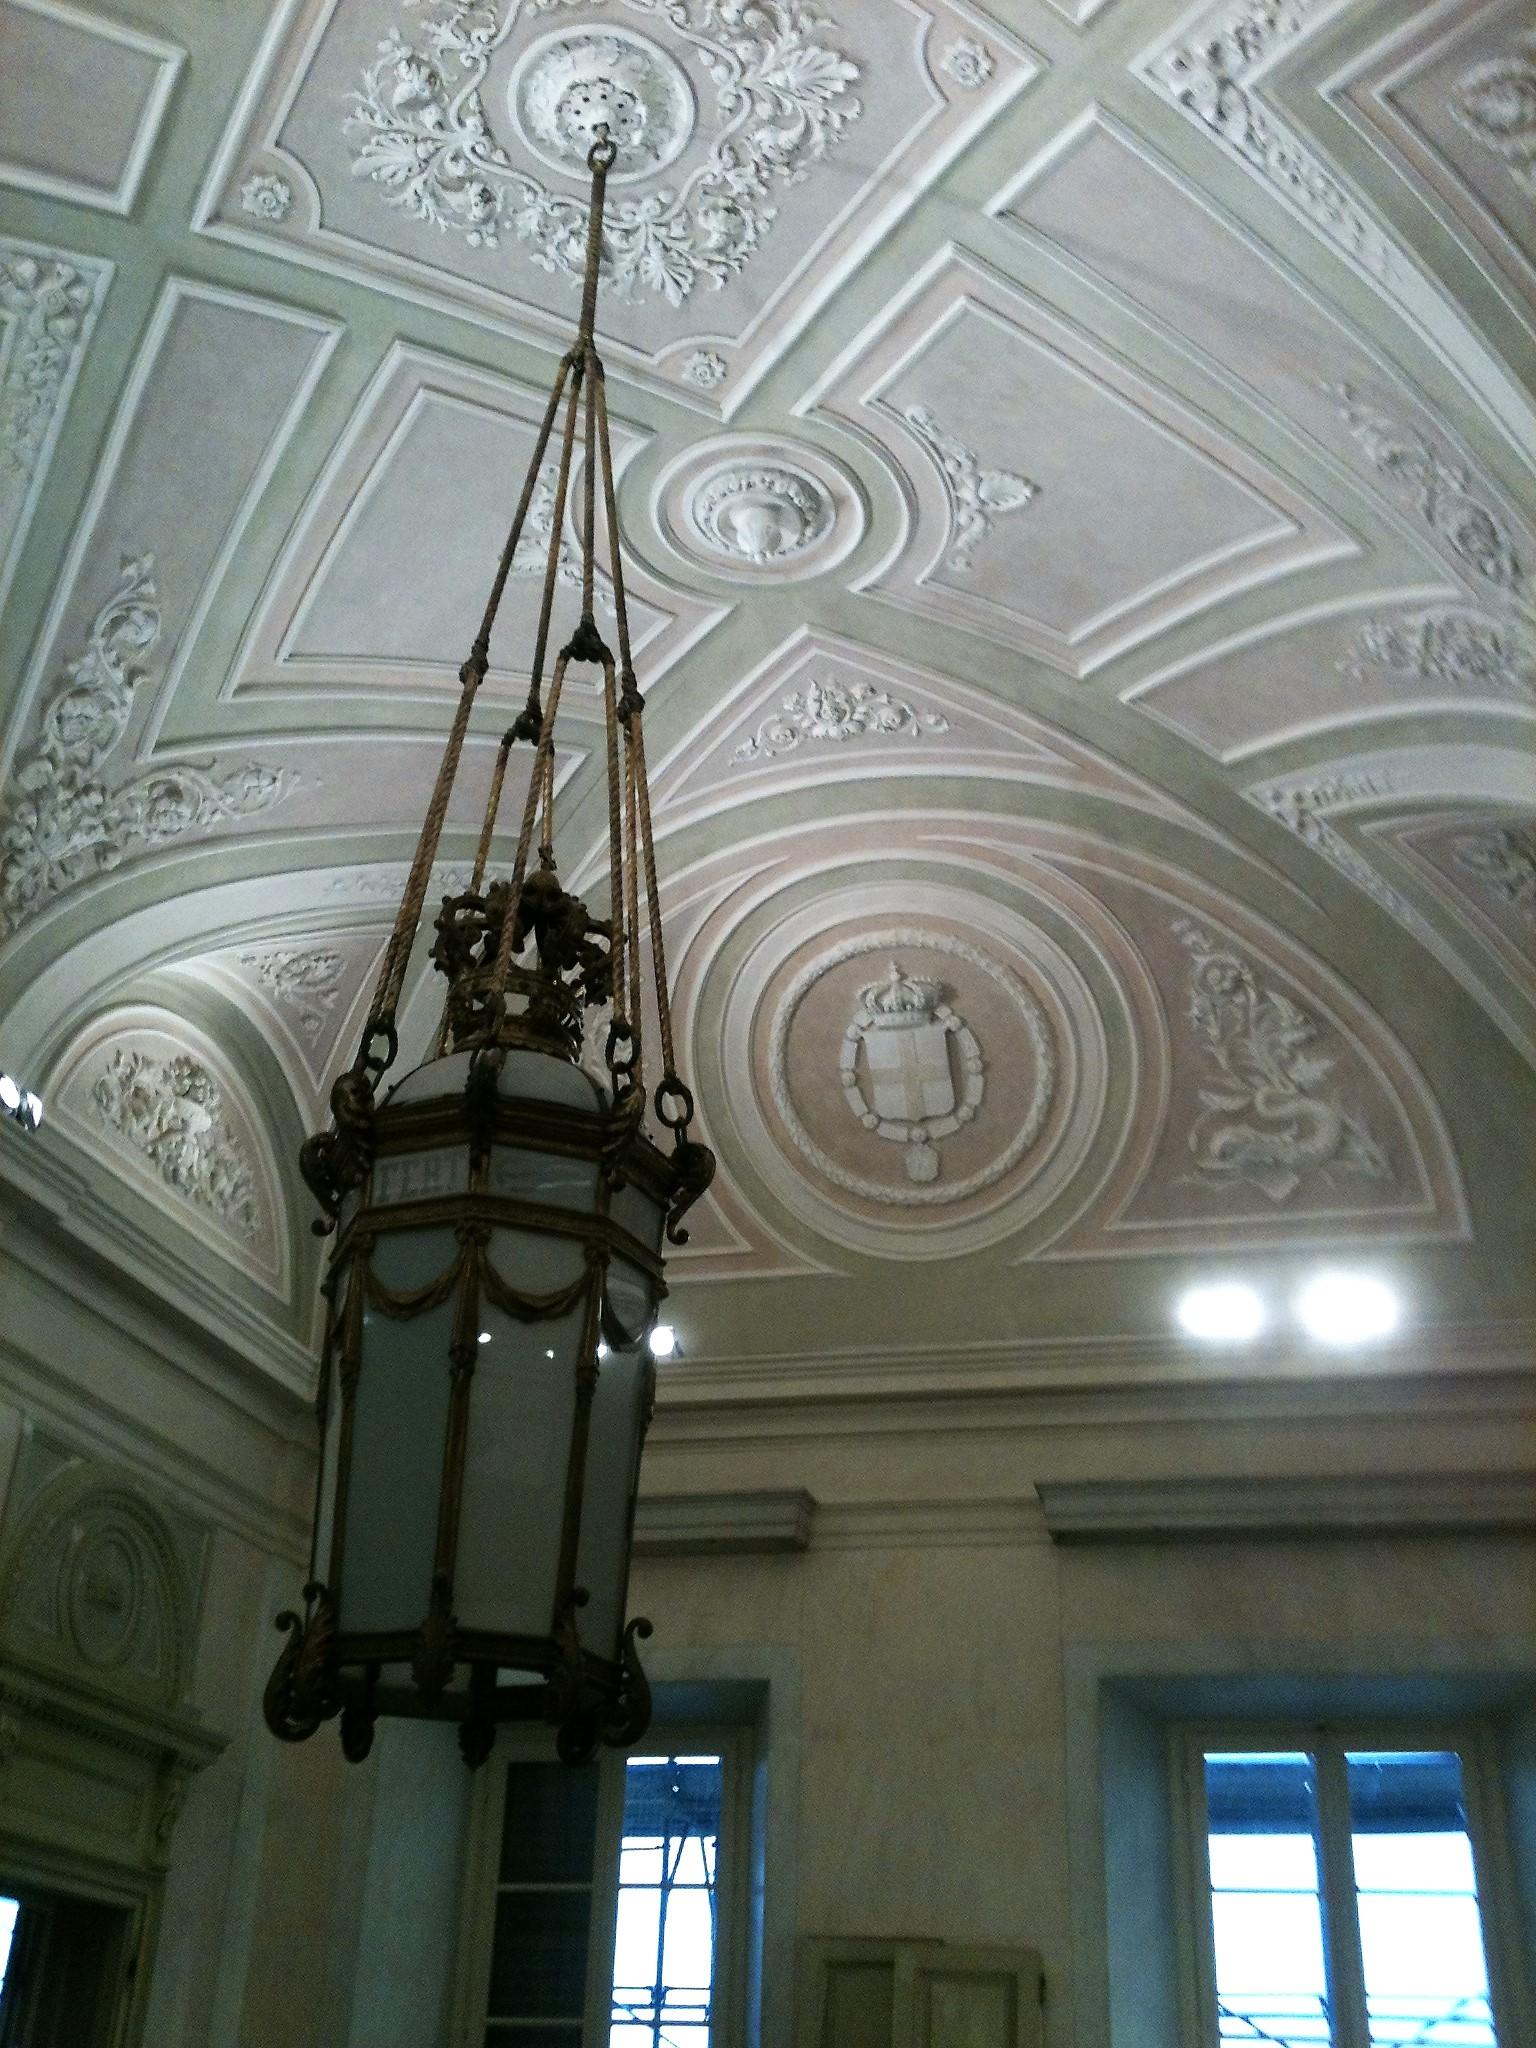 Restauro conservativo presso Villa Reale di Monza: